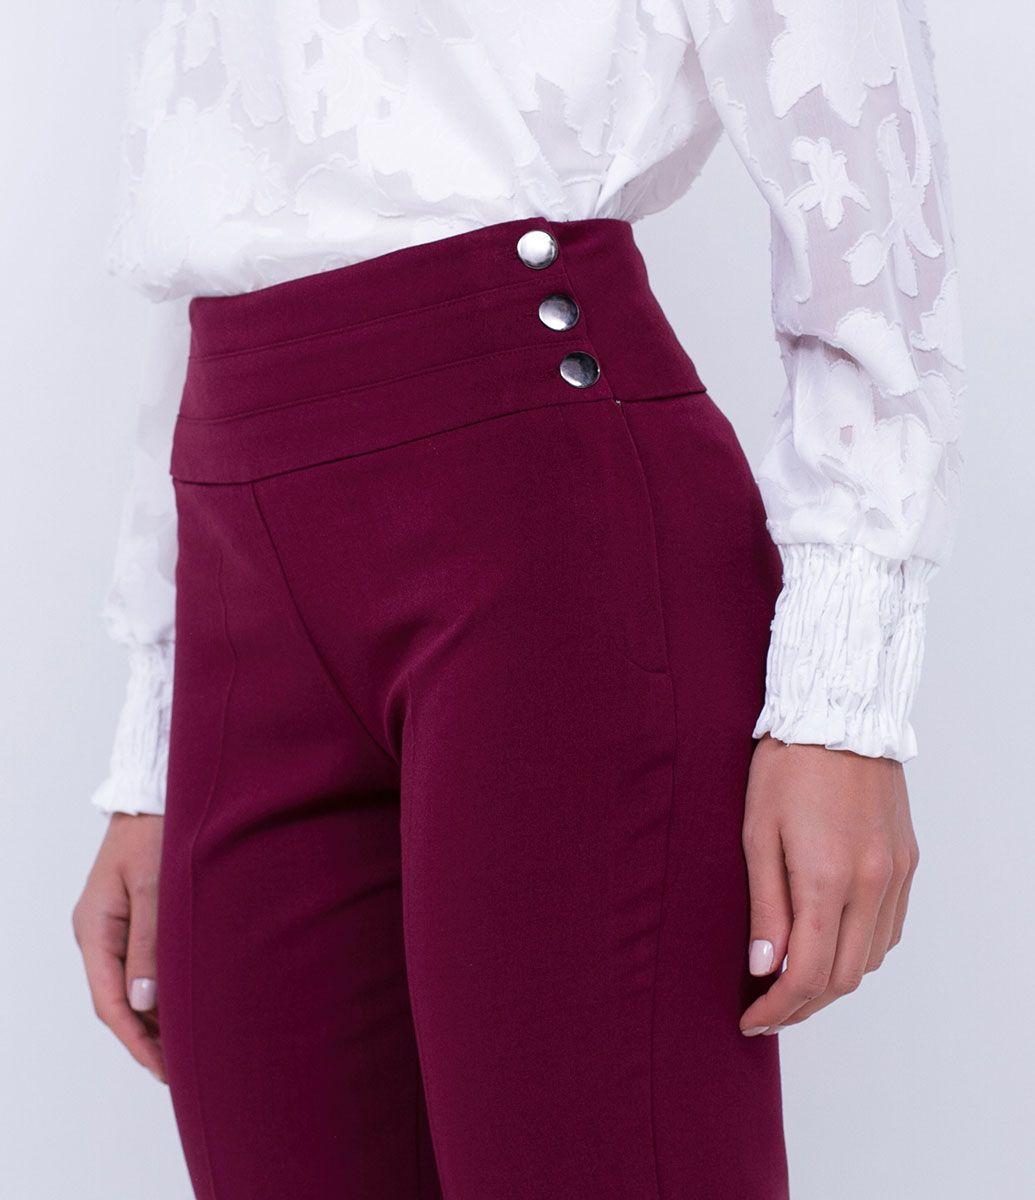 b19841778 Calça feminina Modelo reta Cós simples Com botões Marca: Cortelle Tecido:  Alfaiataria Composição: